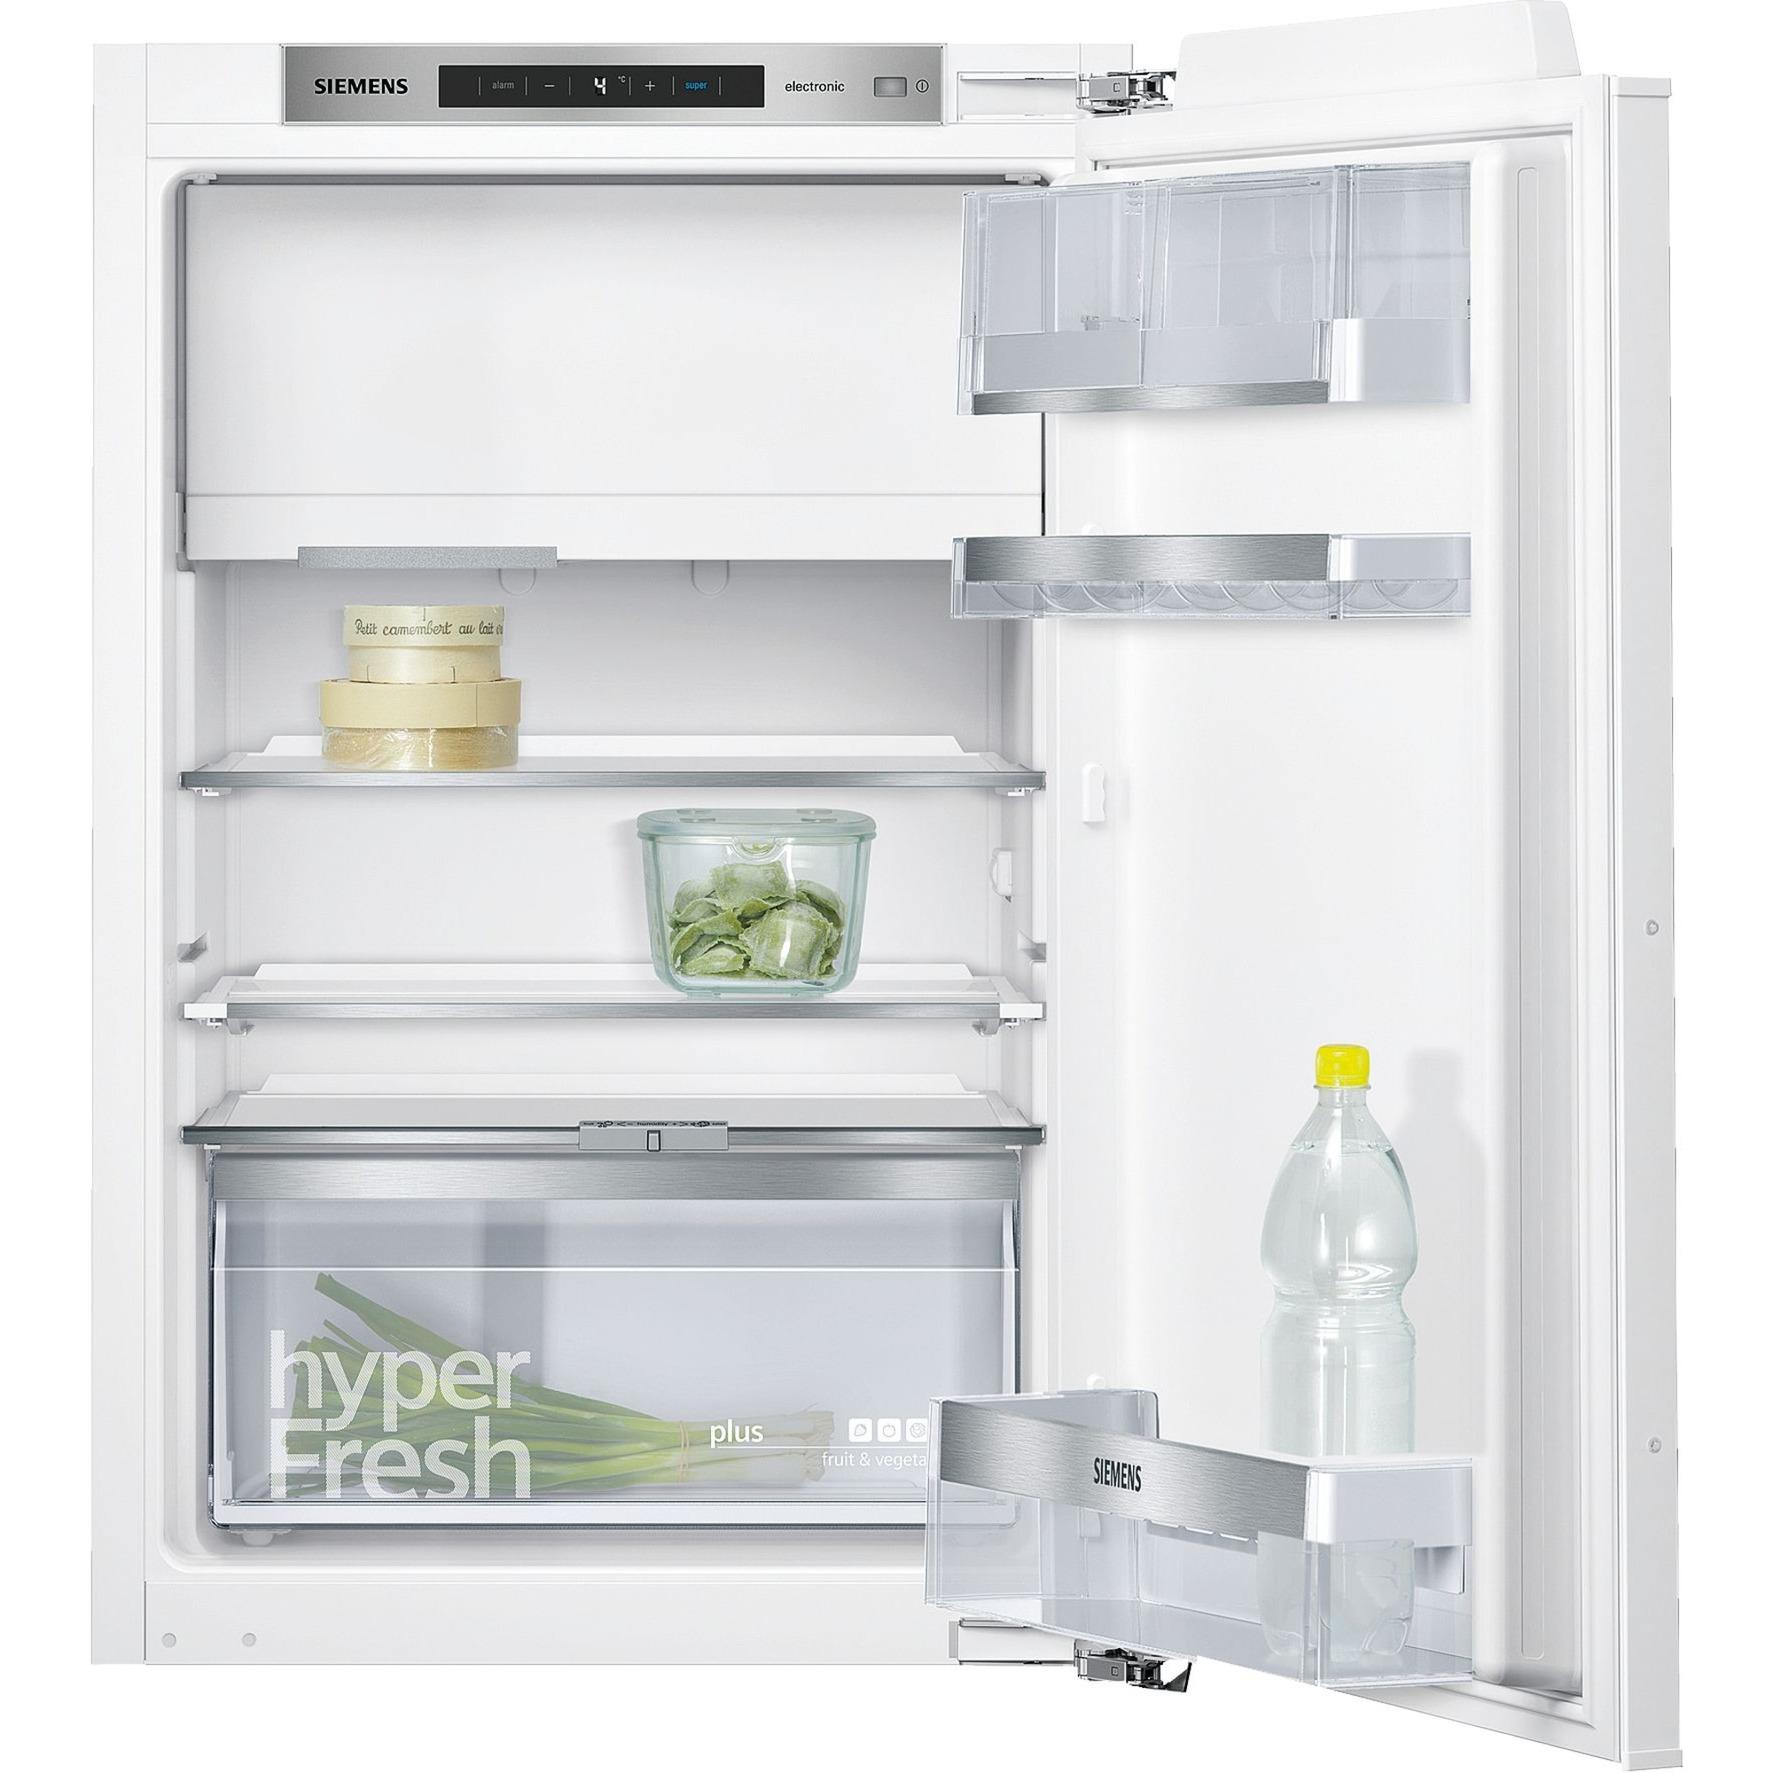 Siemens KI22LAD40 iQ500, Kühlschrank weiß